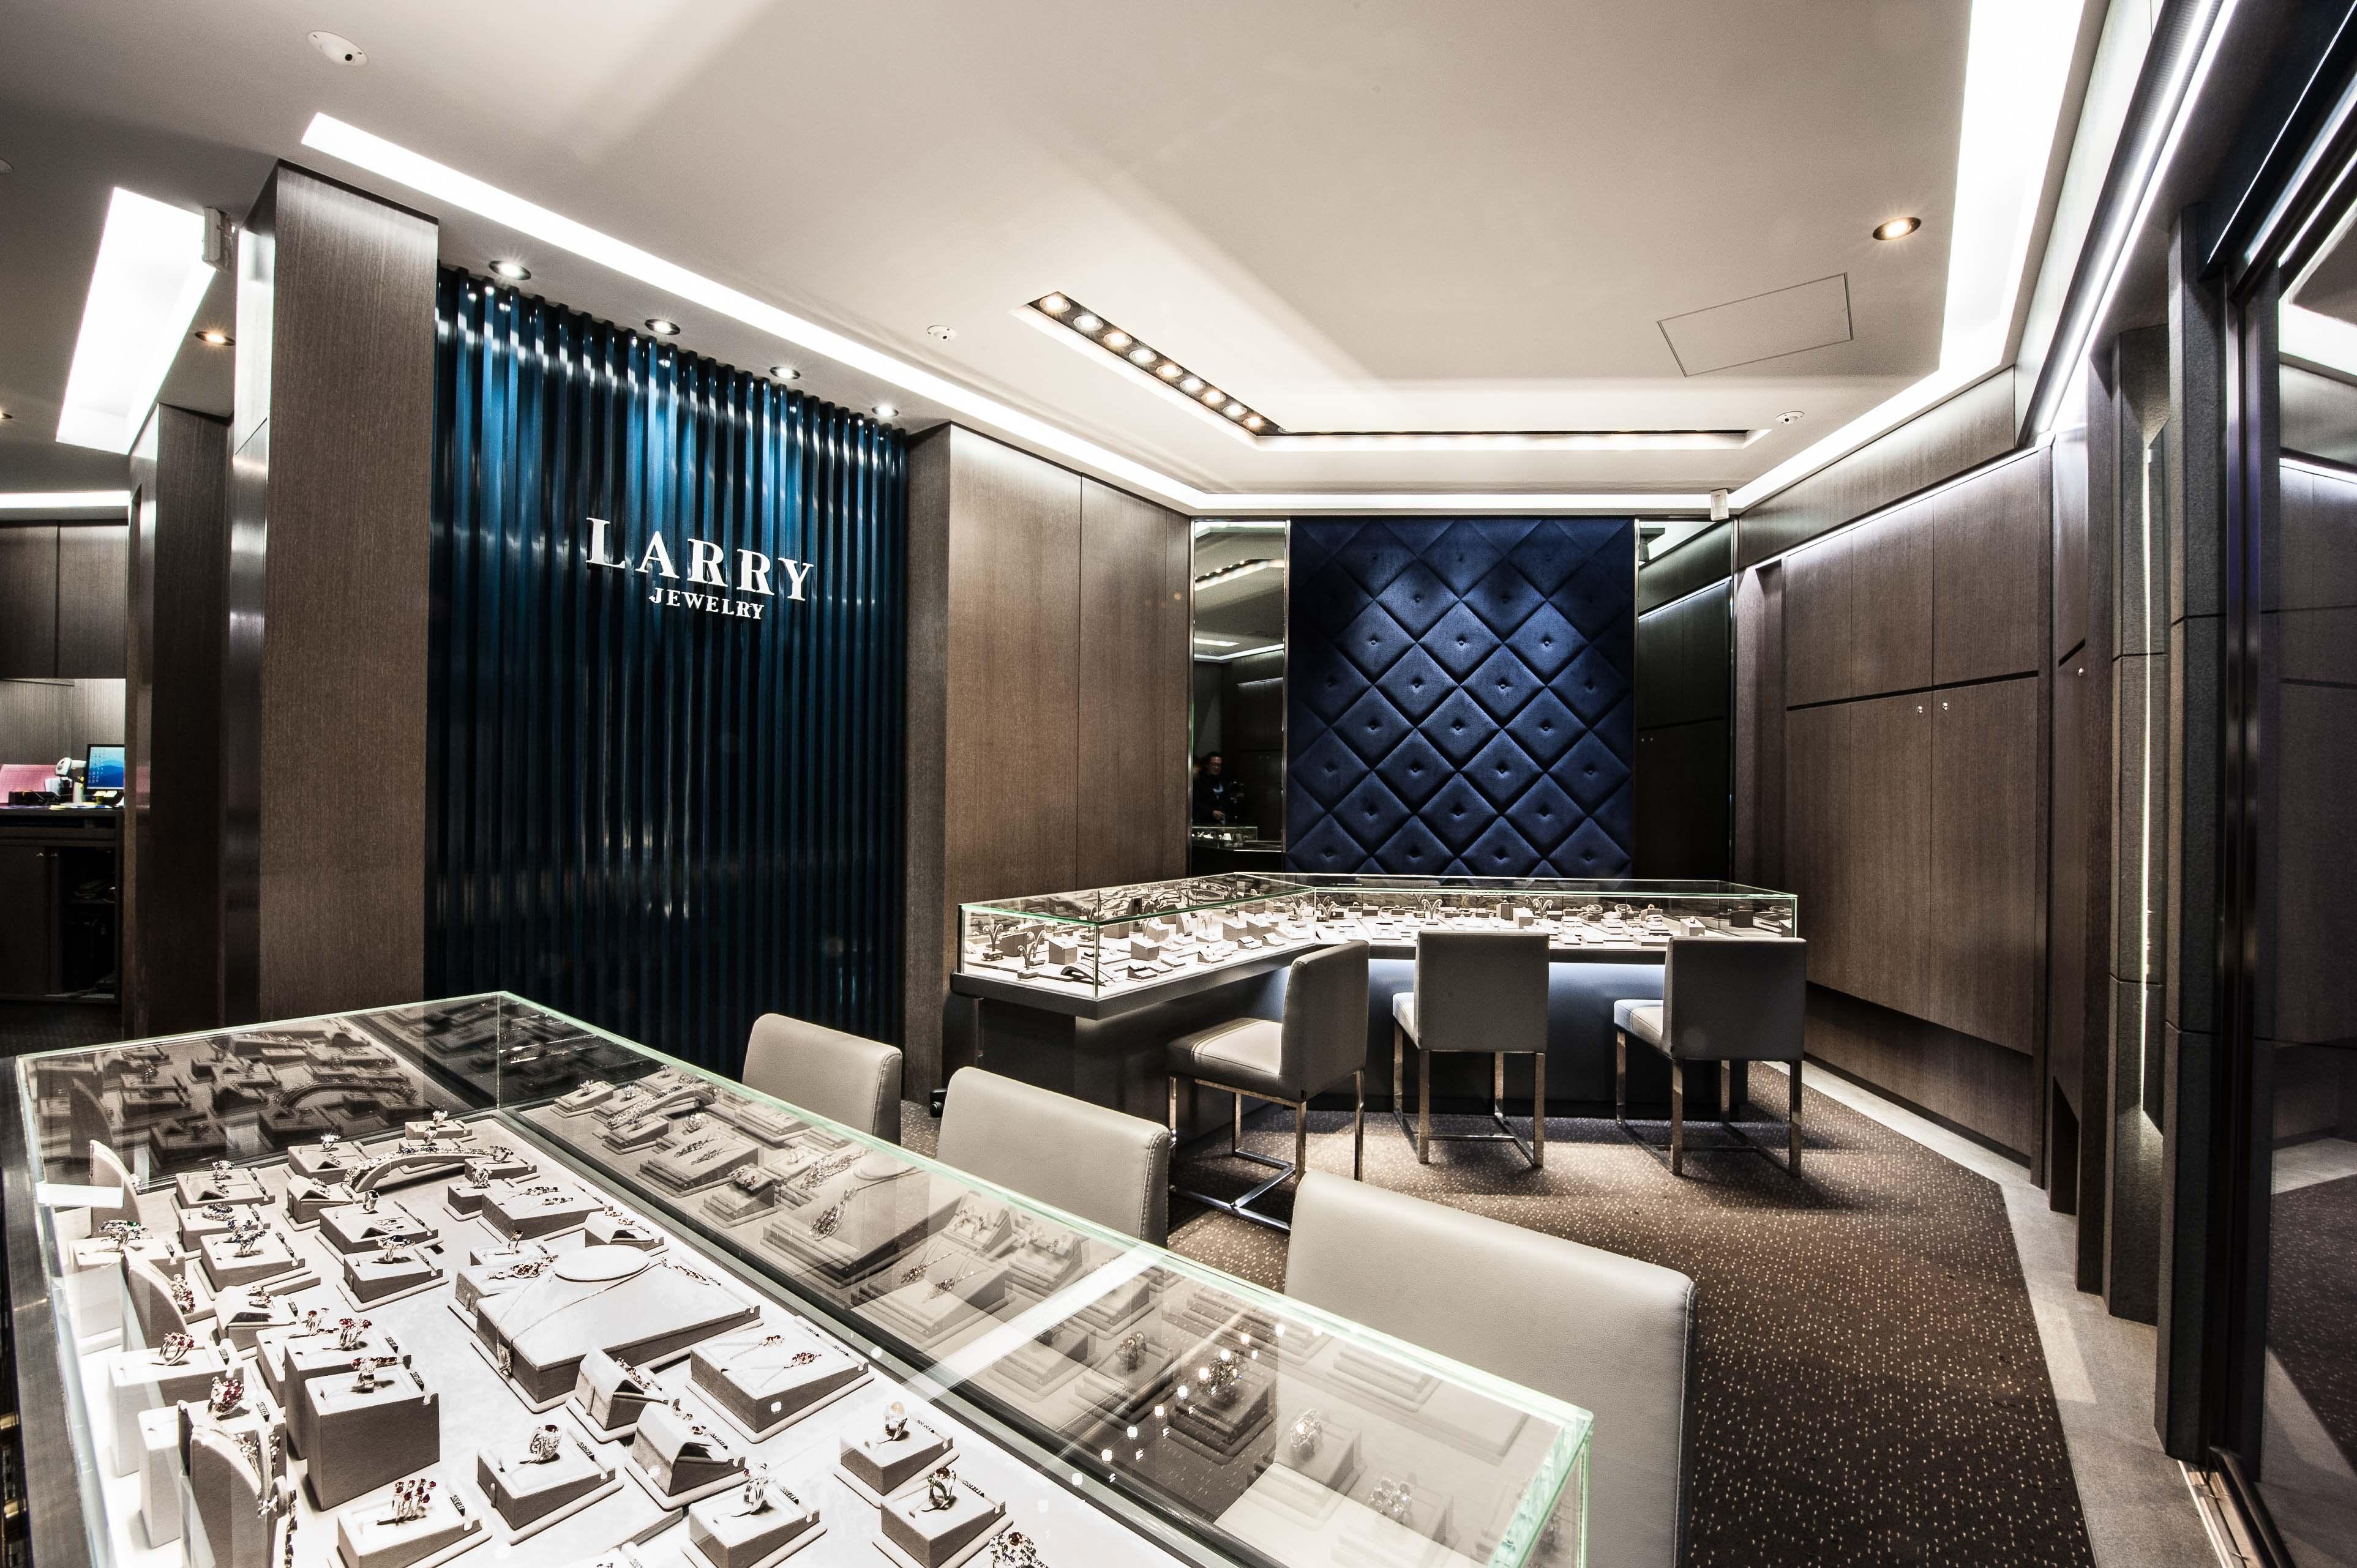 以藍色與深色為主 神秘高貴的珠寶店設計